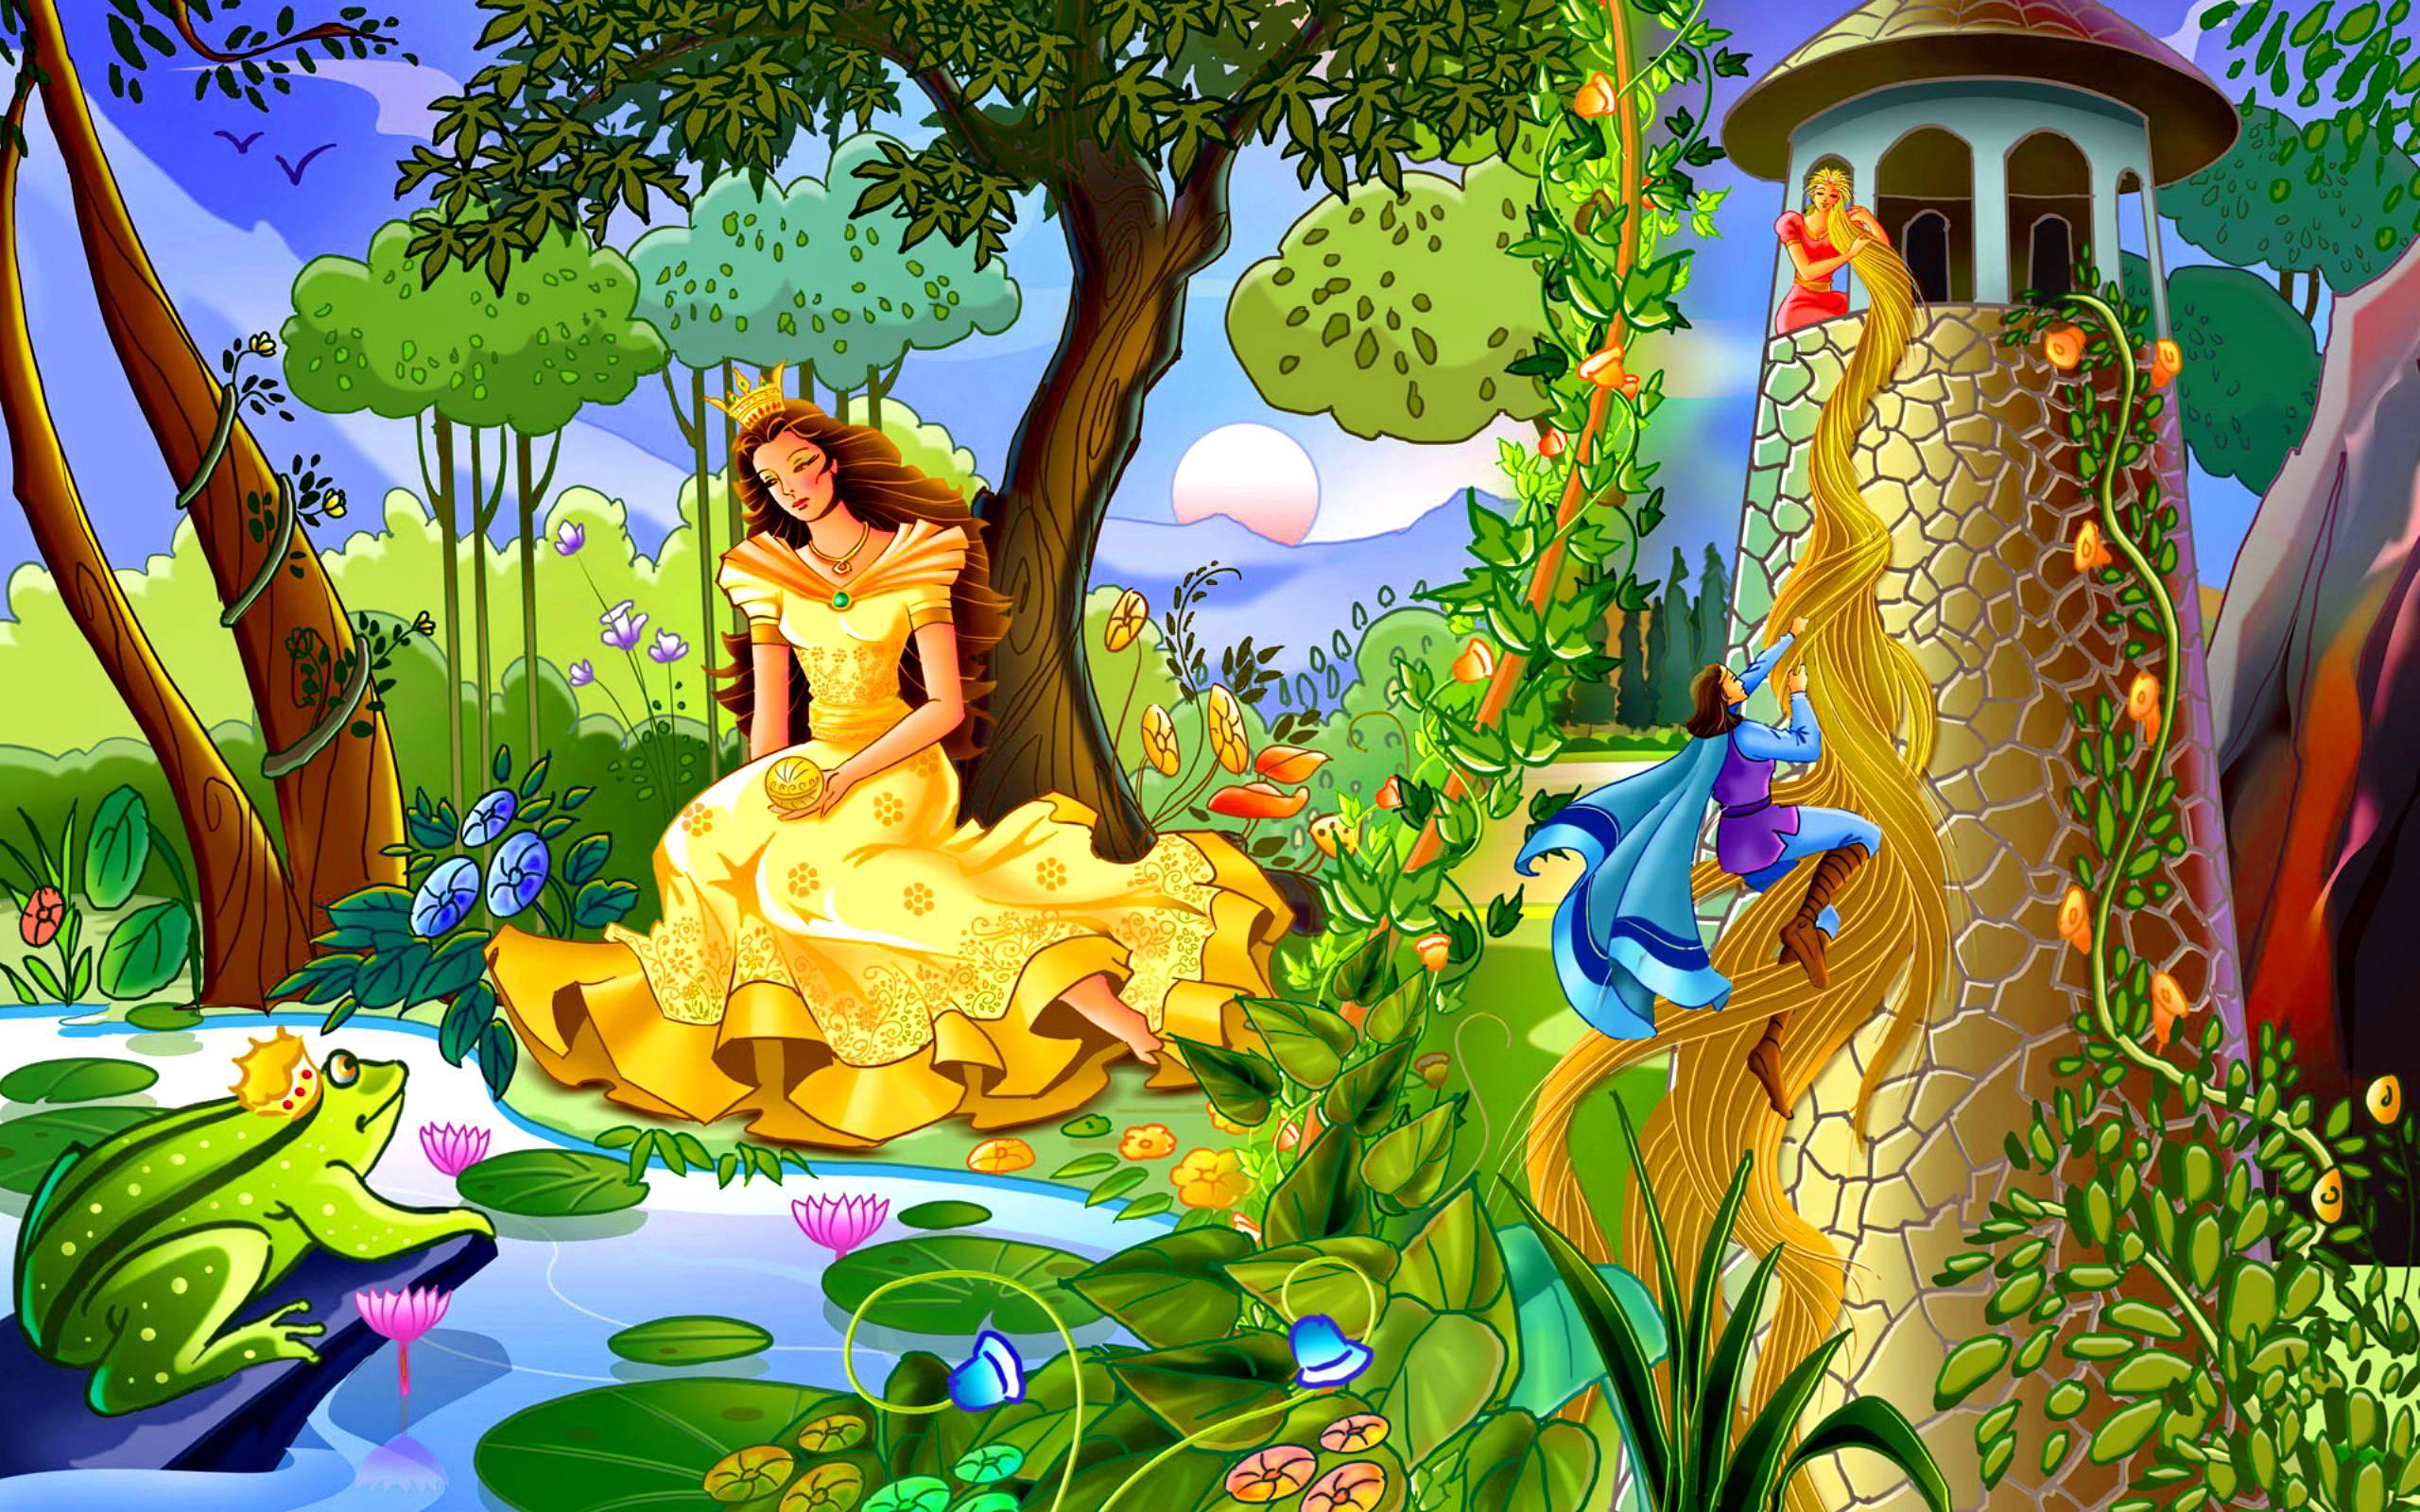 working giraffe wallpaper fairy - photo #26